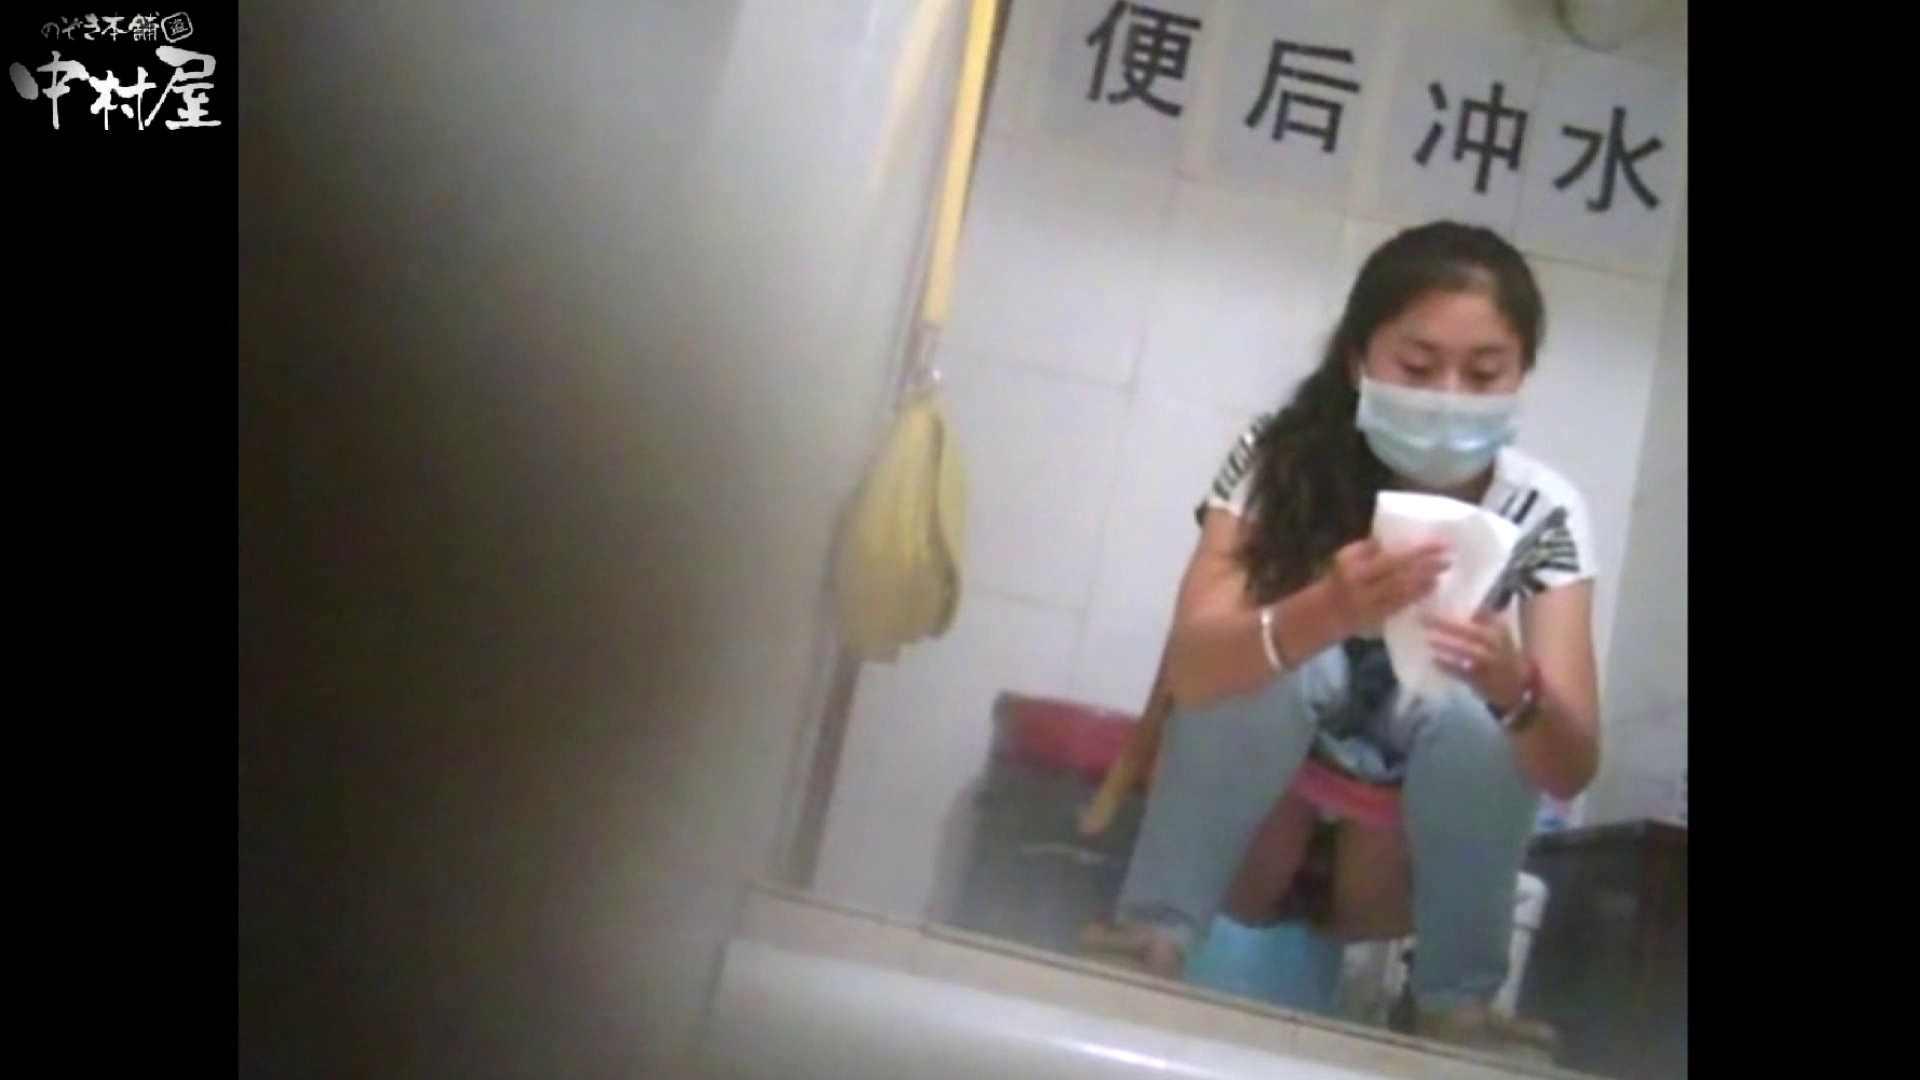 李さんの盗撮日記 Vol.13 トイレ | ギャルのエロ動画 盗撮 93PIX 93